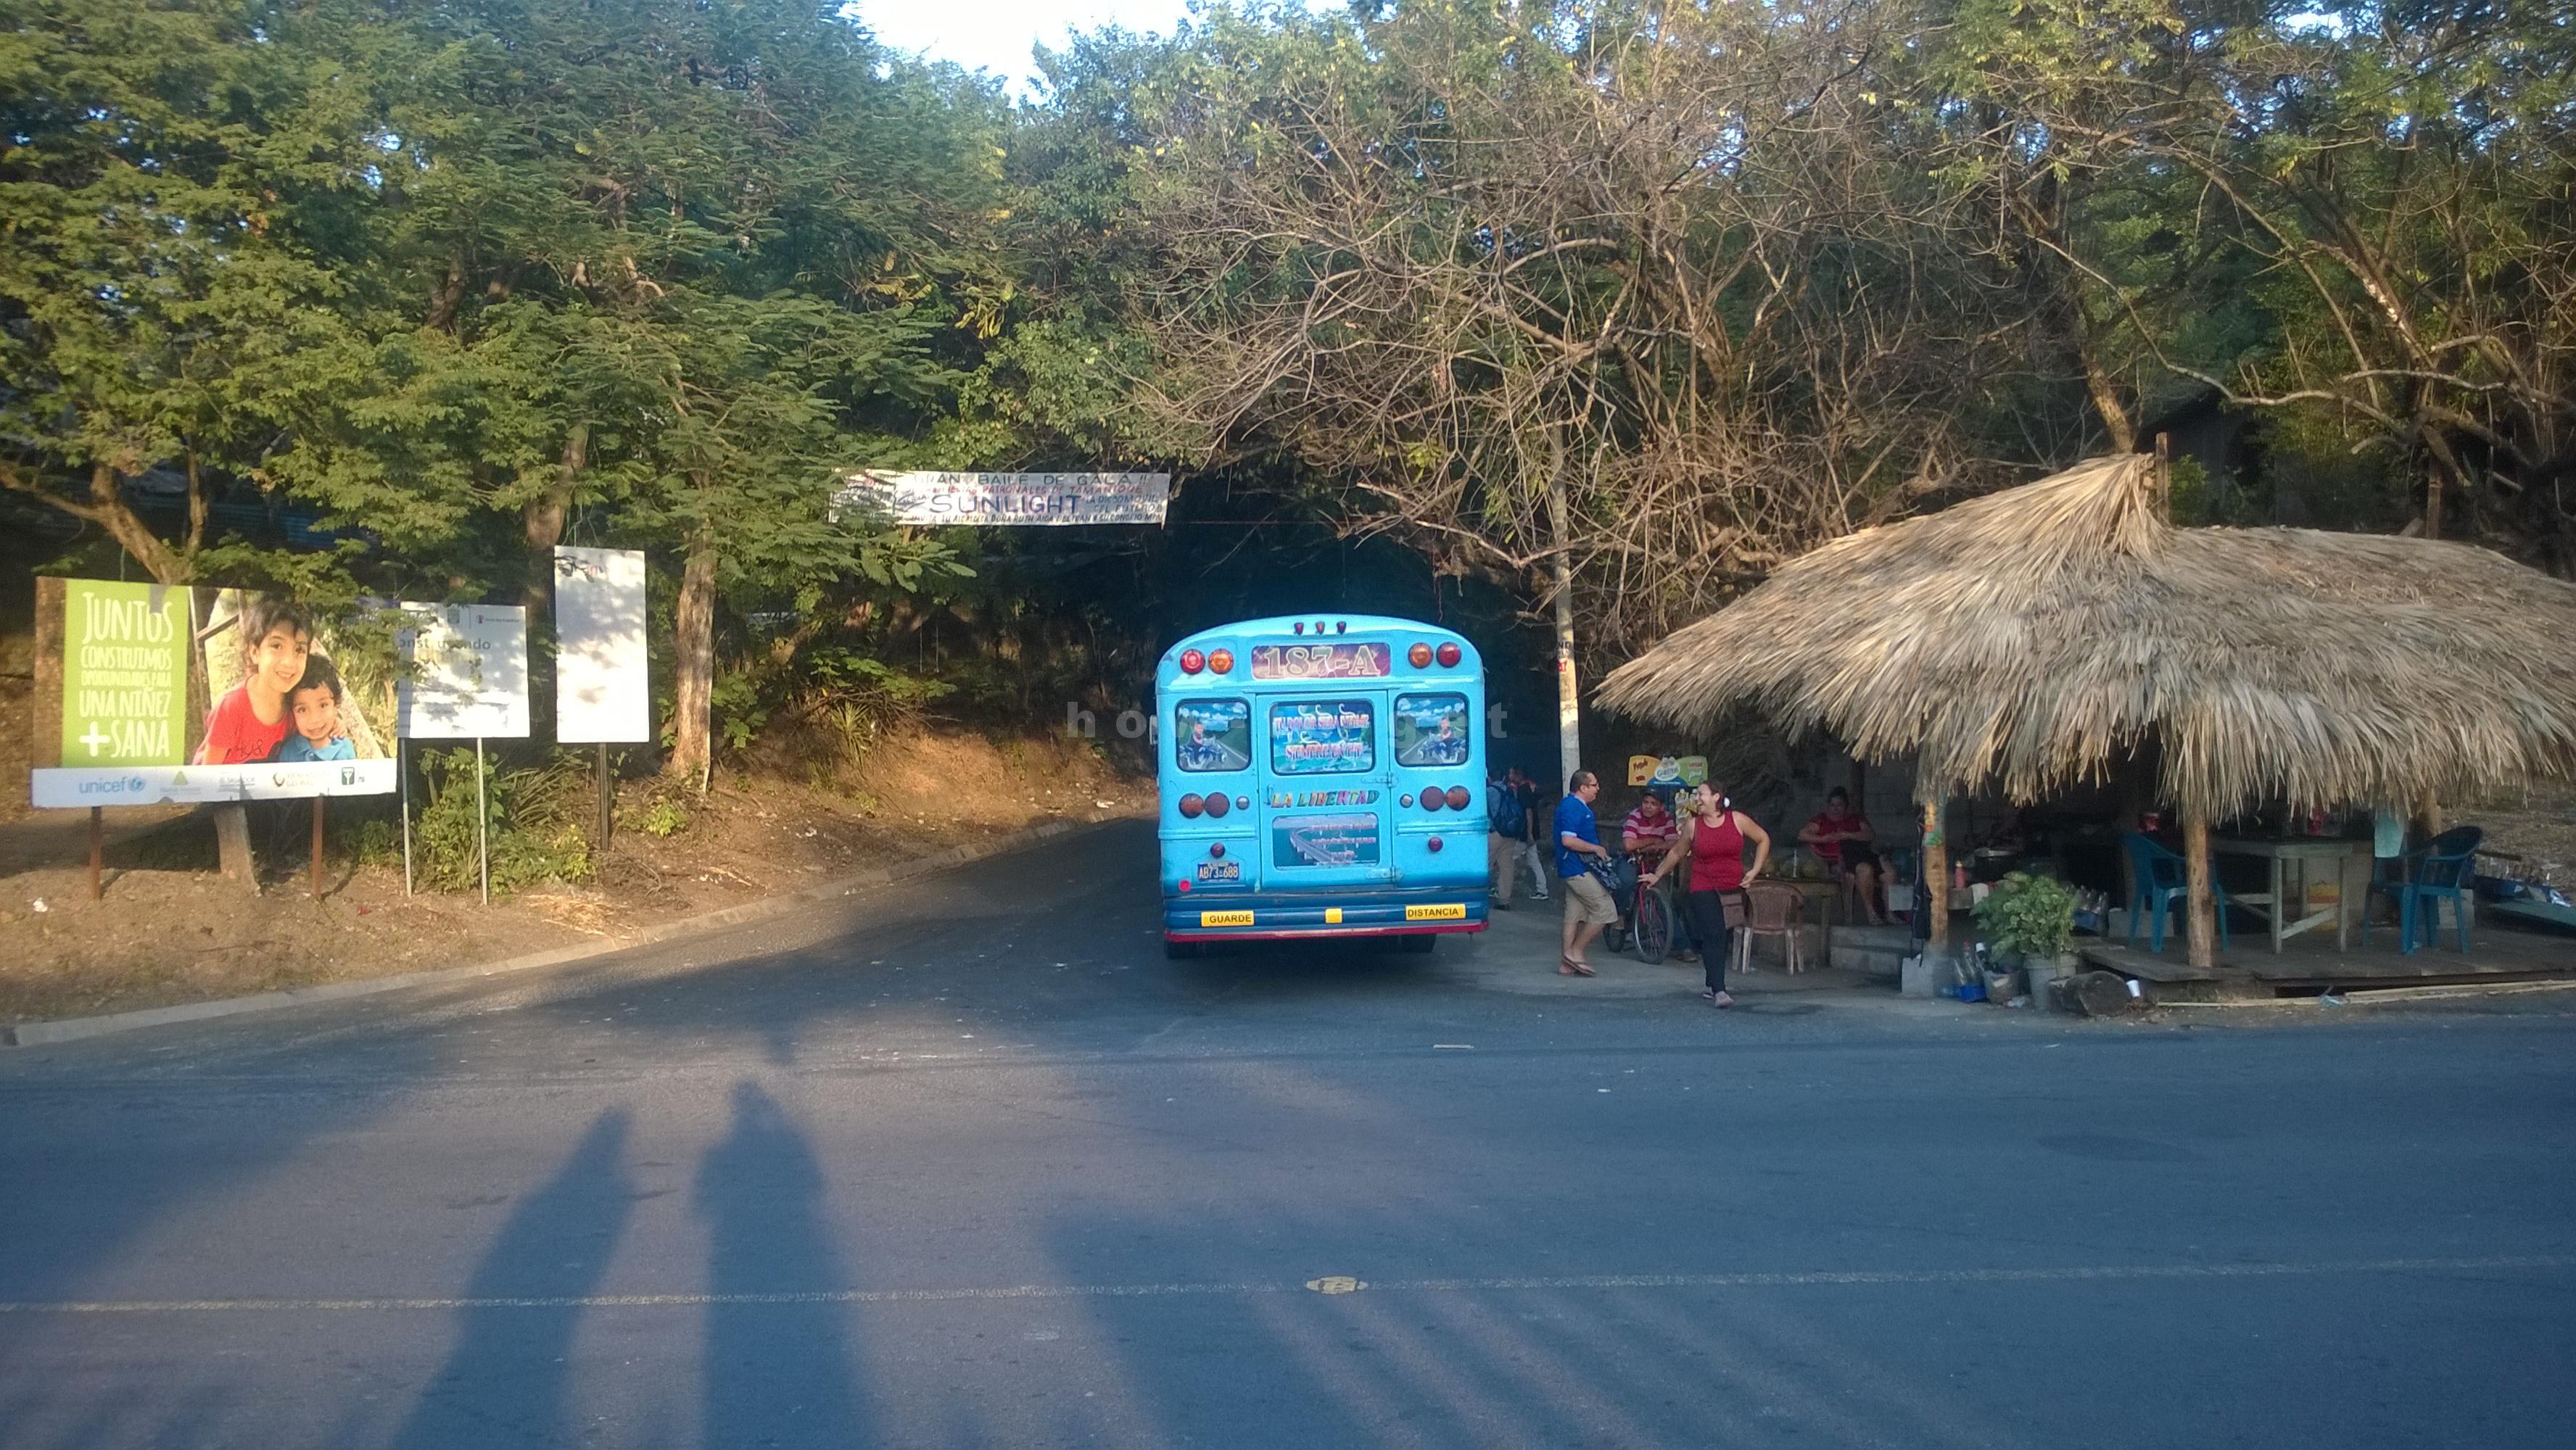 Перекресток в Эль Тунко, транспорт в сторону границы Гватемалы